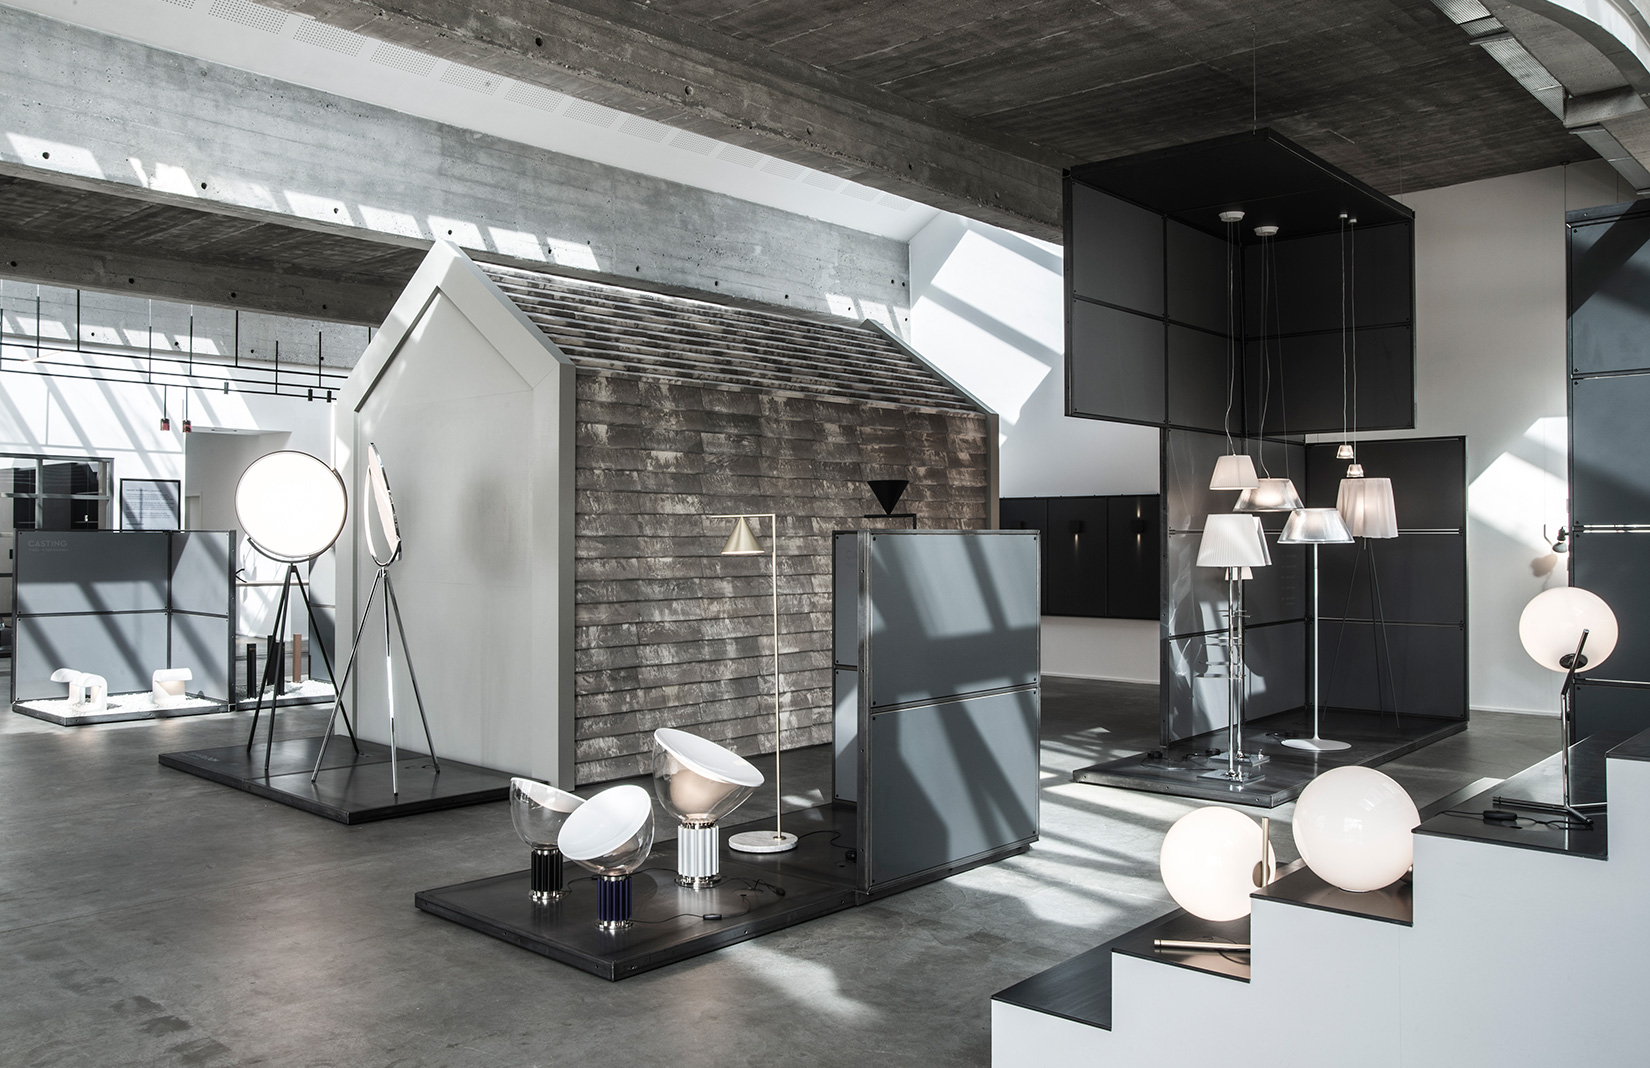 Flos Scandinavia showroom designed by OEO Studio in Copenhagen